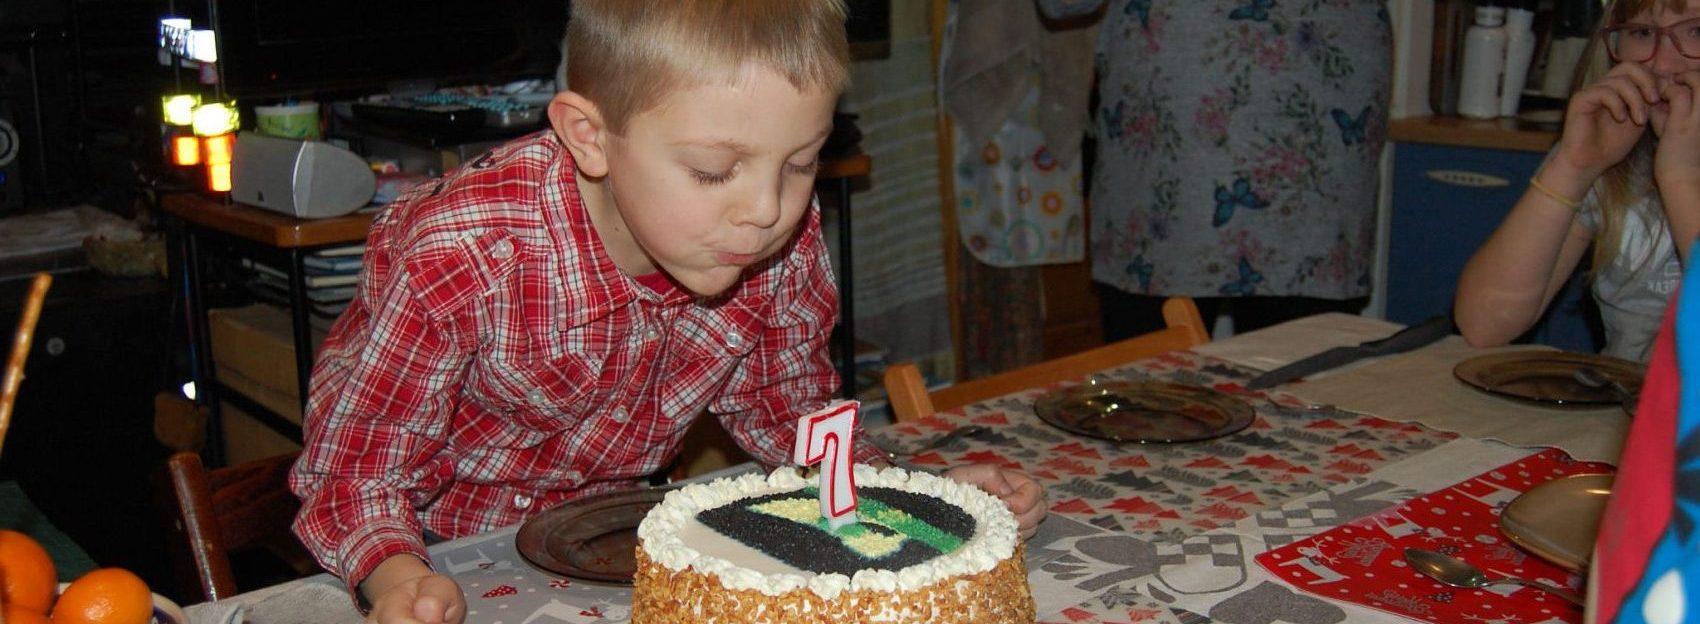 urodziny szymona _opt